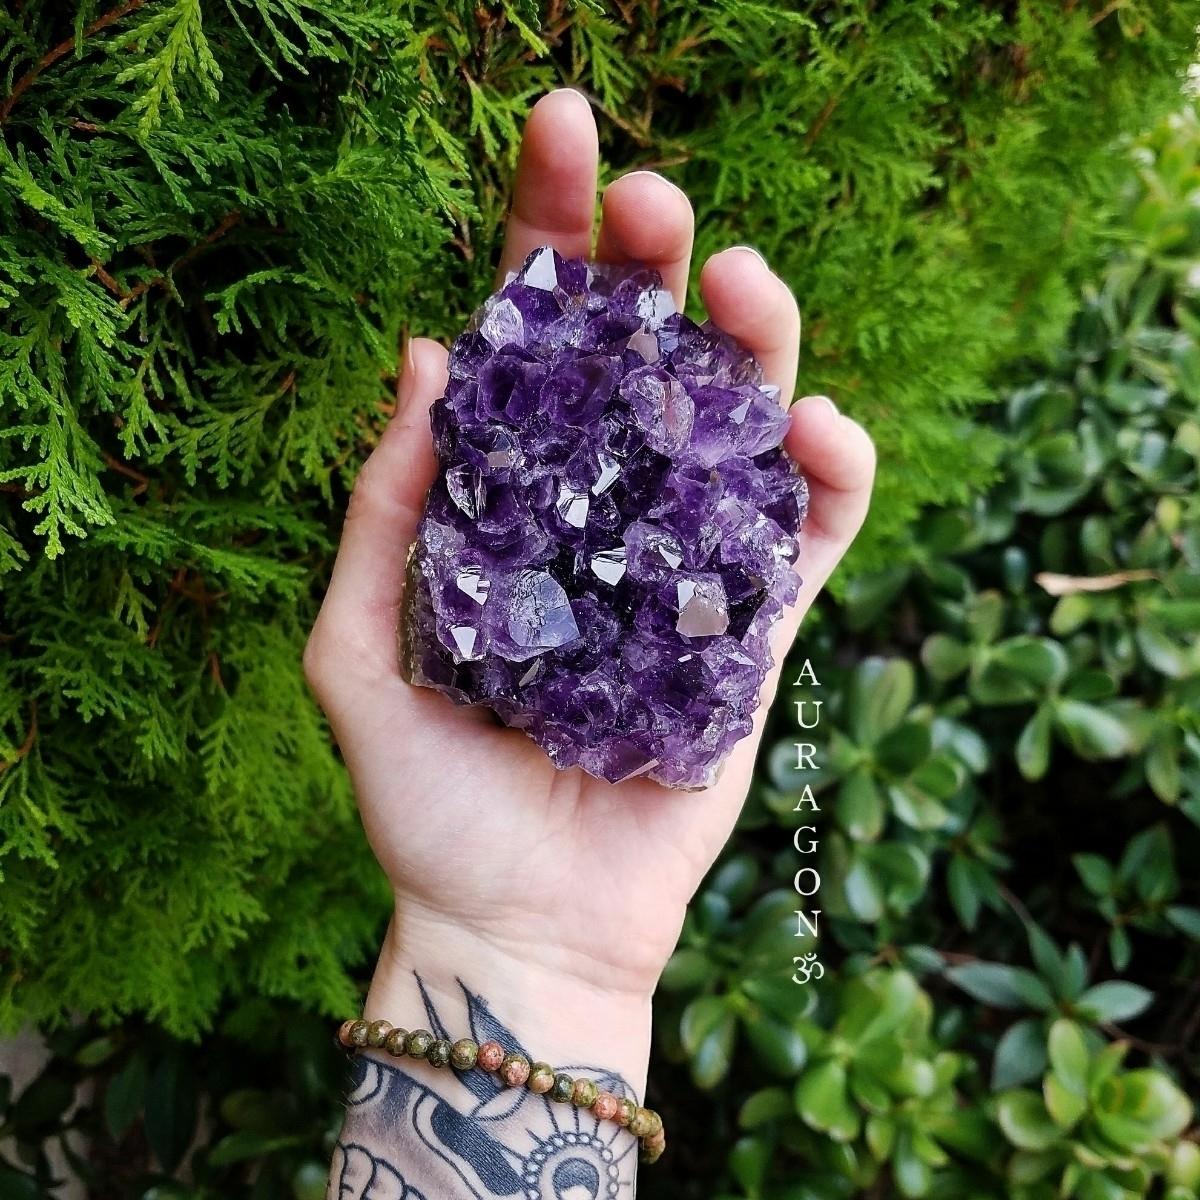 Grade amethyst clusters shop cr - auragon | ello